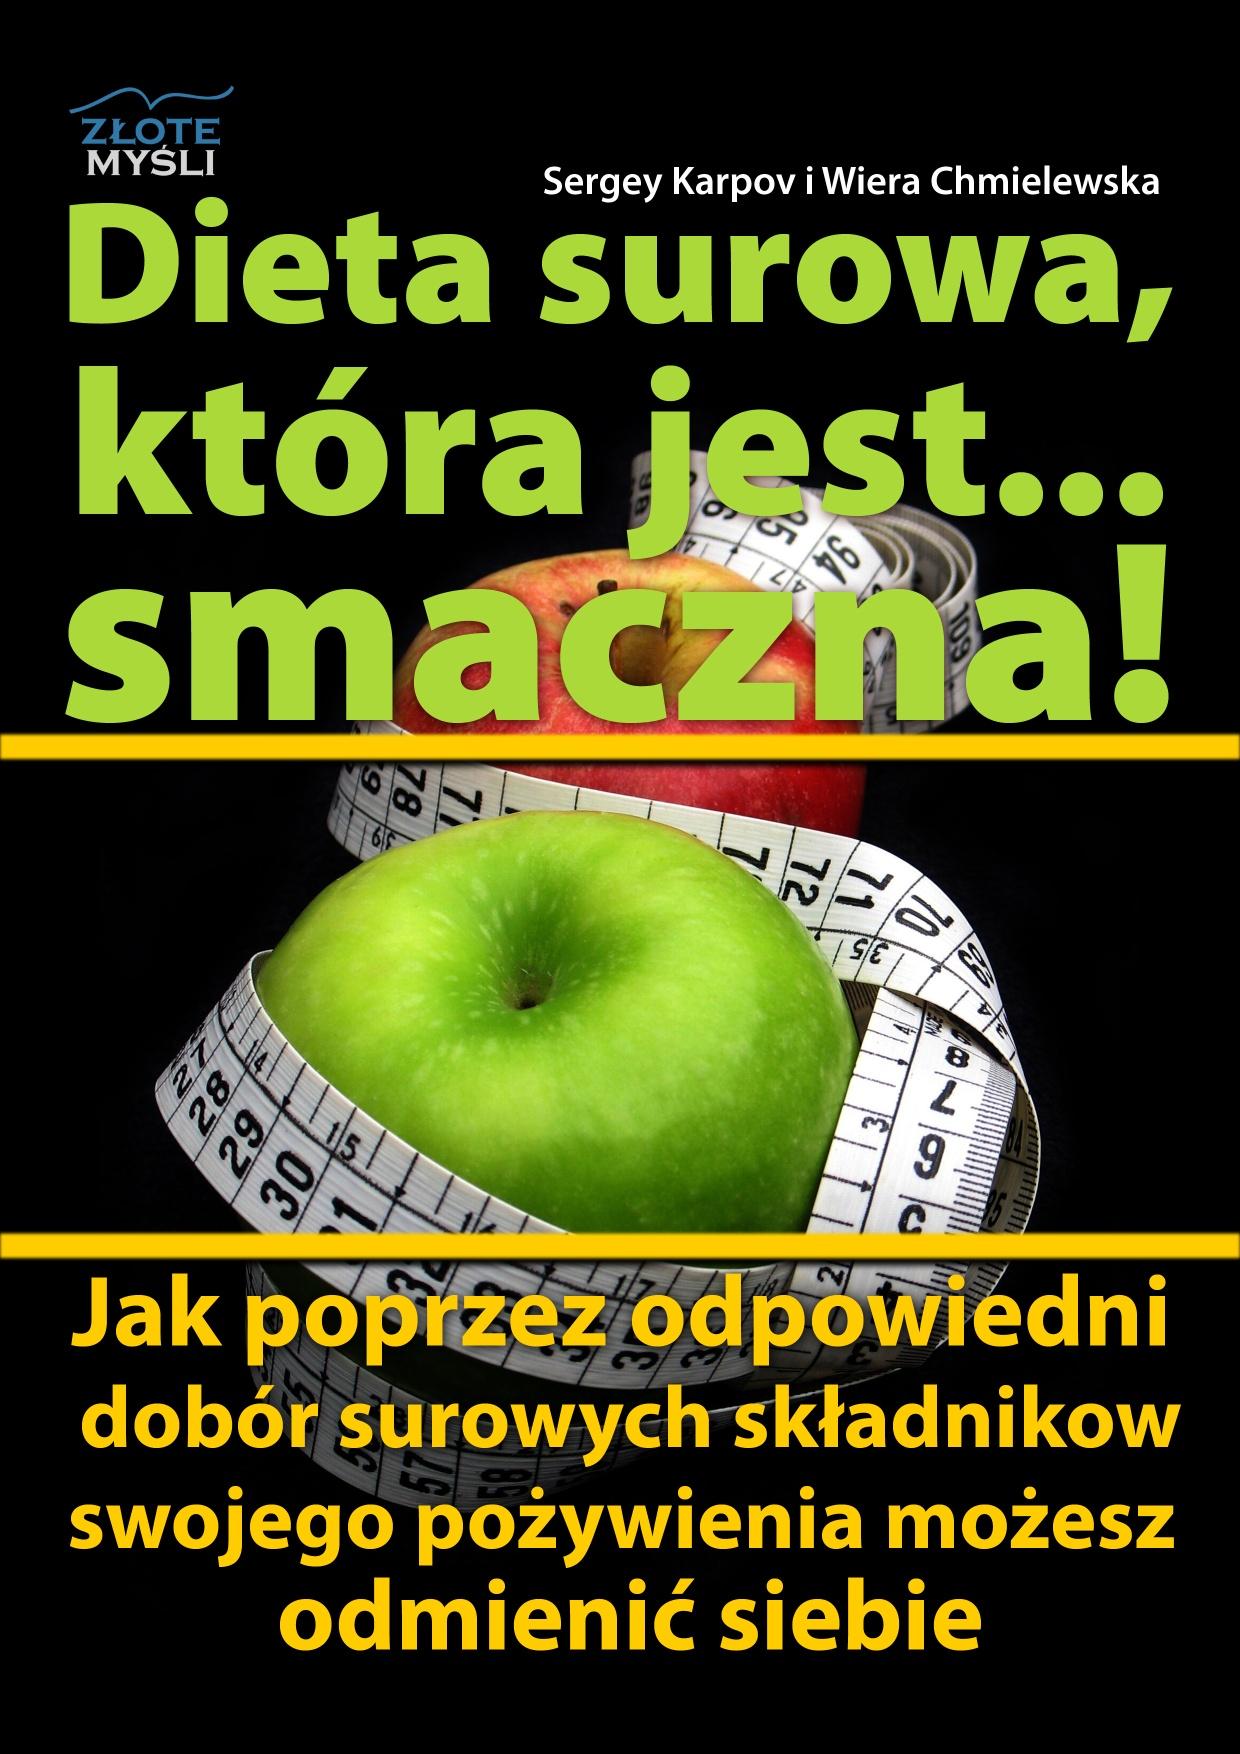 Sergiusz Karpov i Wiera Chmielewska: Dieta surowa, która jest... smaczna! - okładka